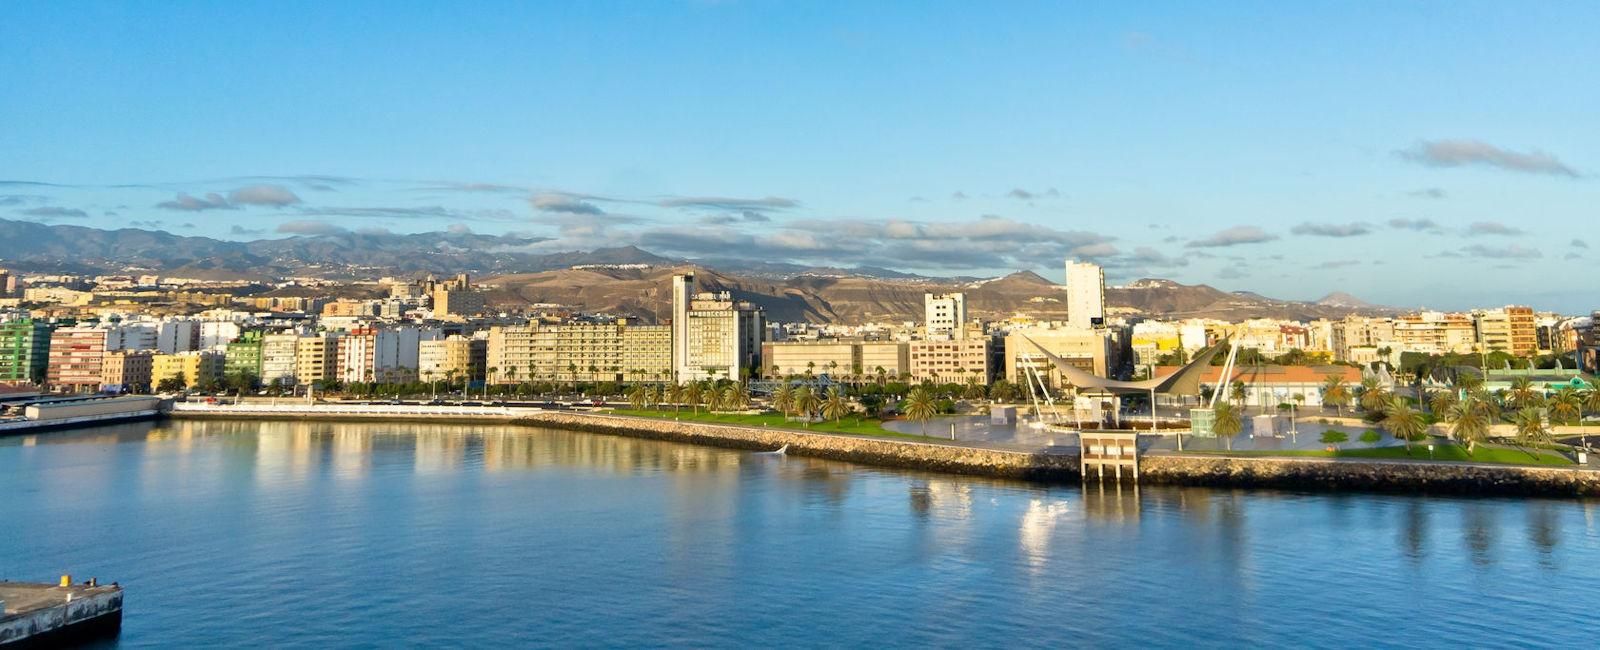 Luxury Las Palmas Holidays